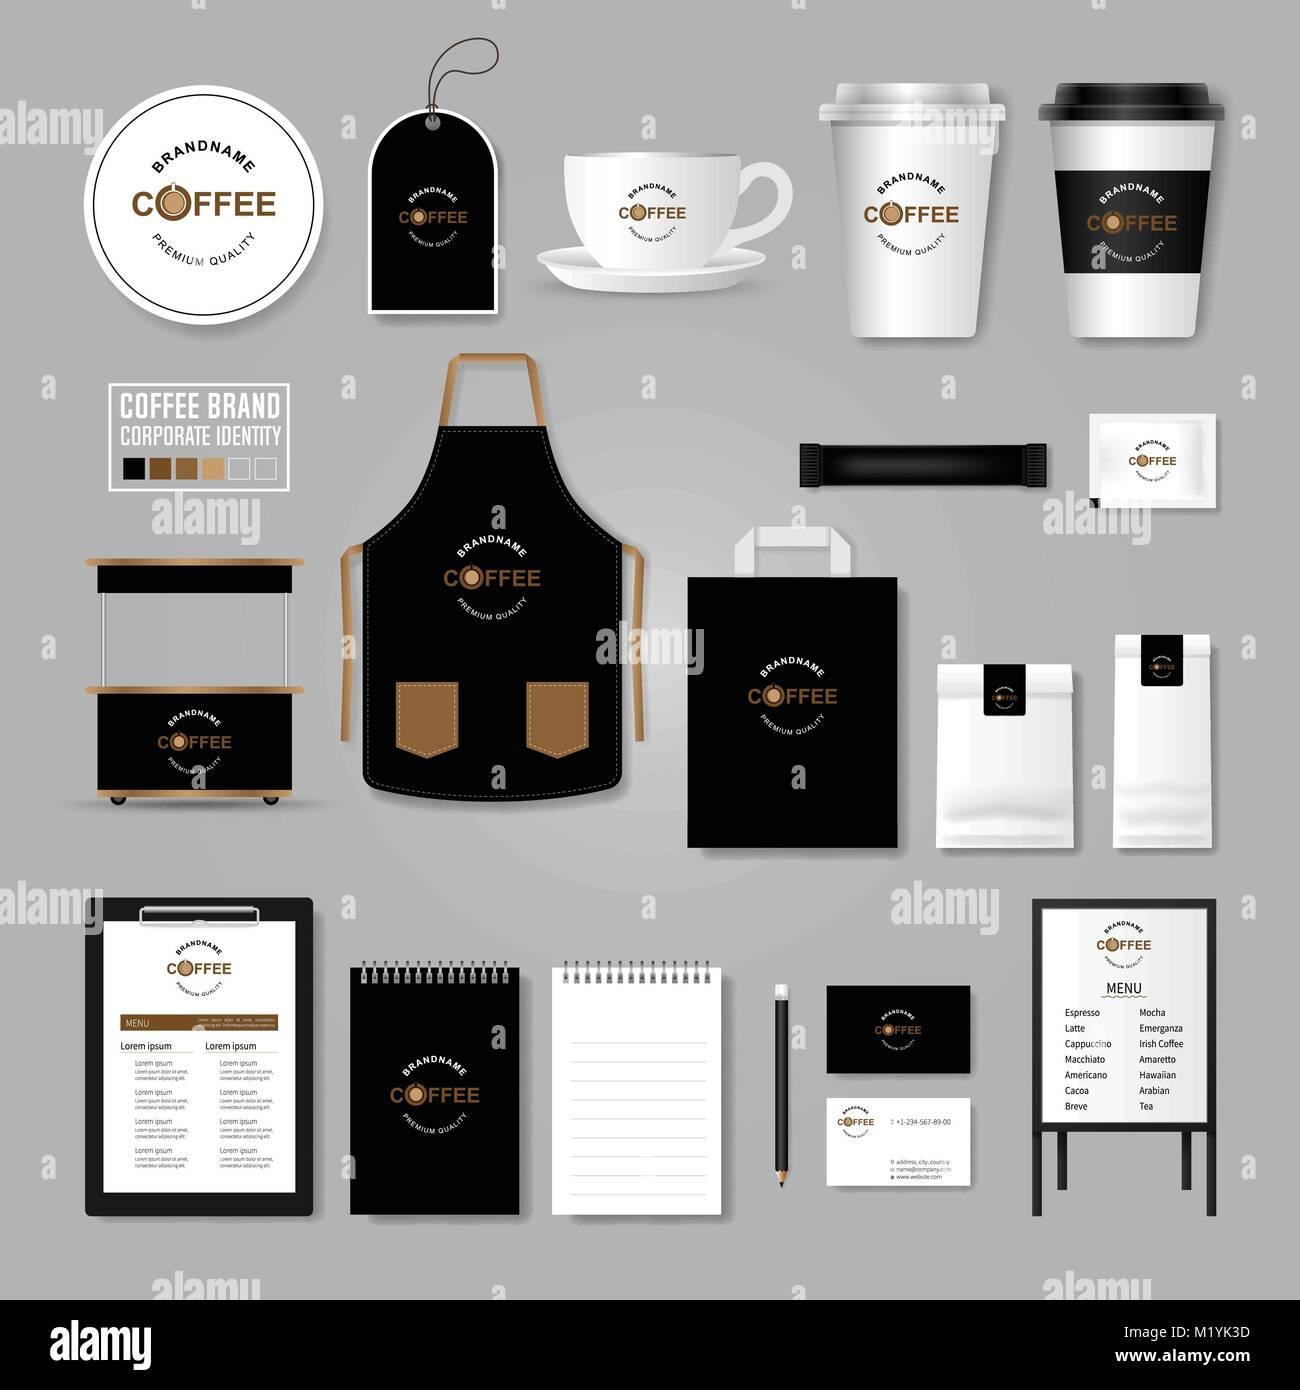 Coffee Logo Vector Creative Label Stock Photos & Coffee